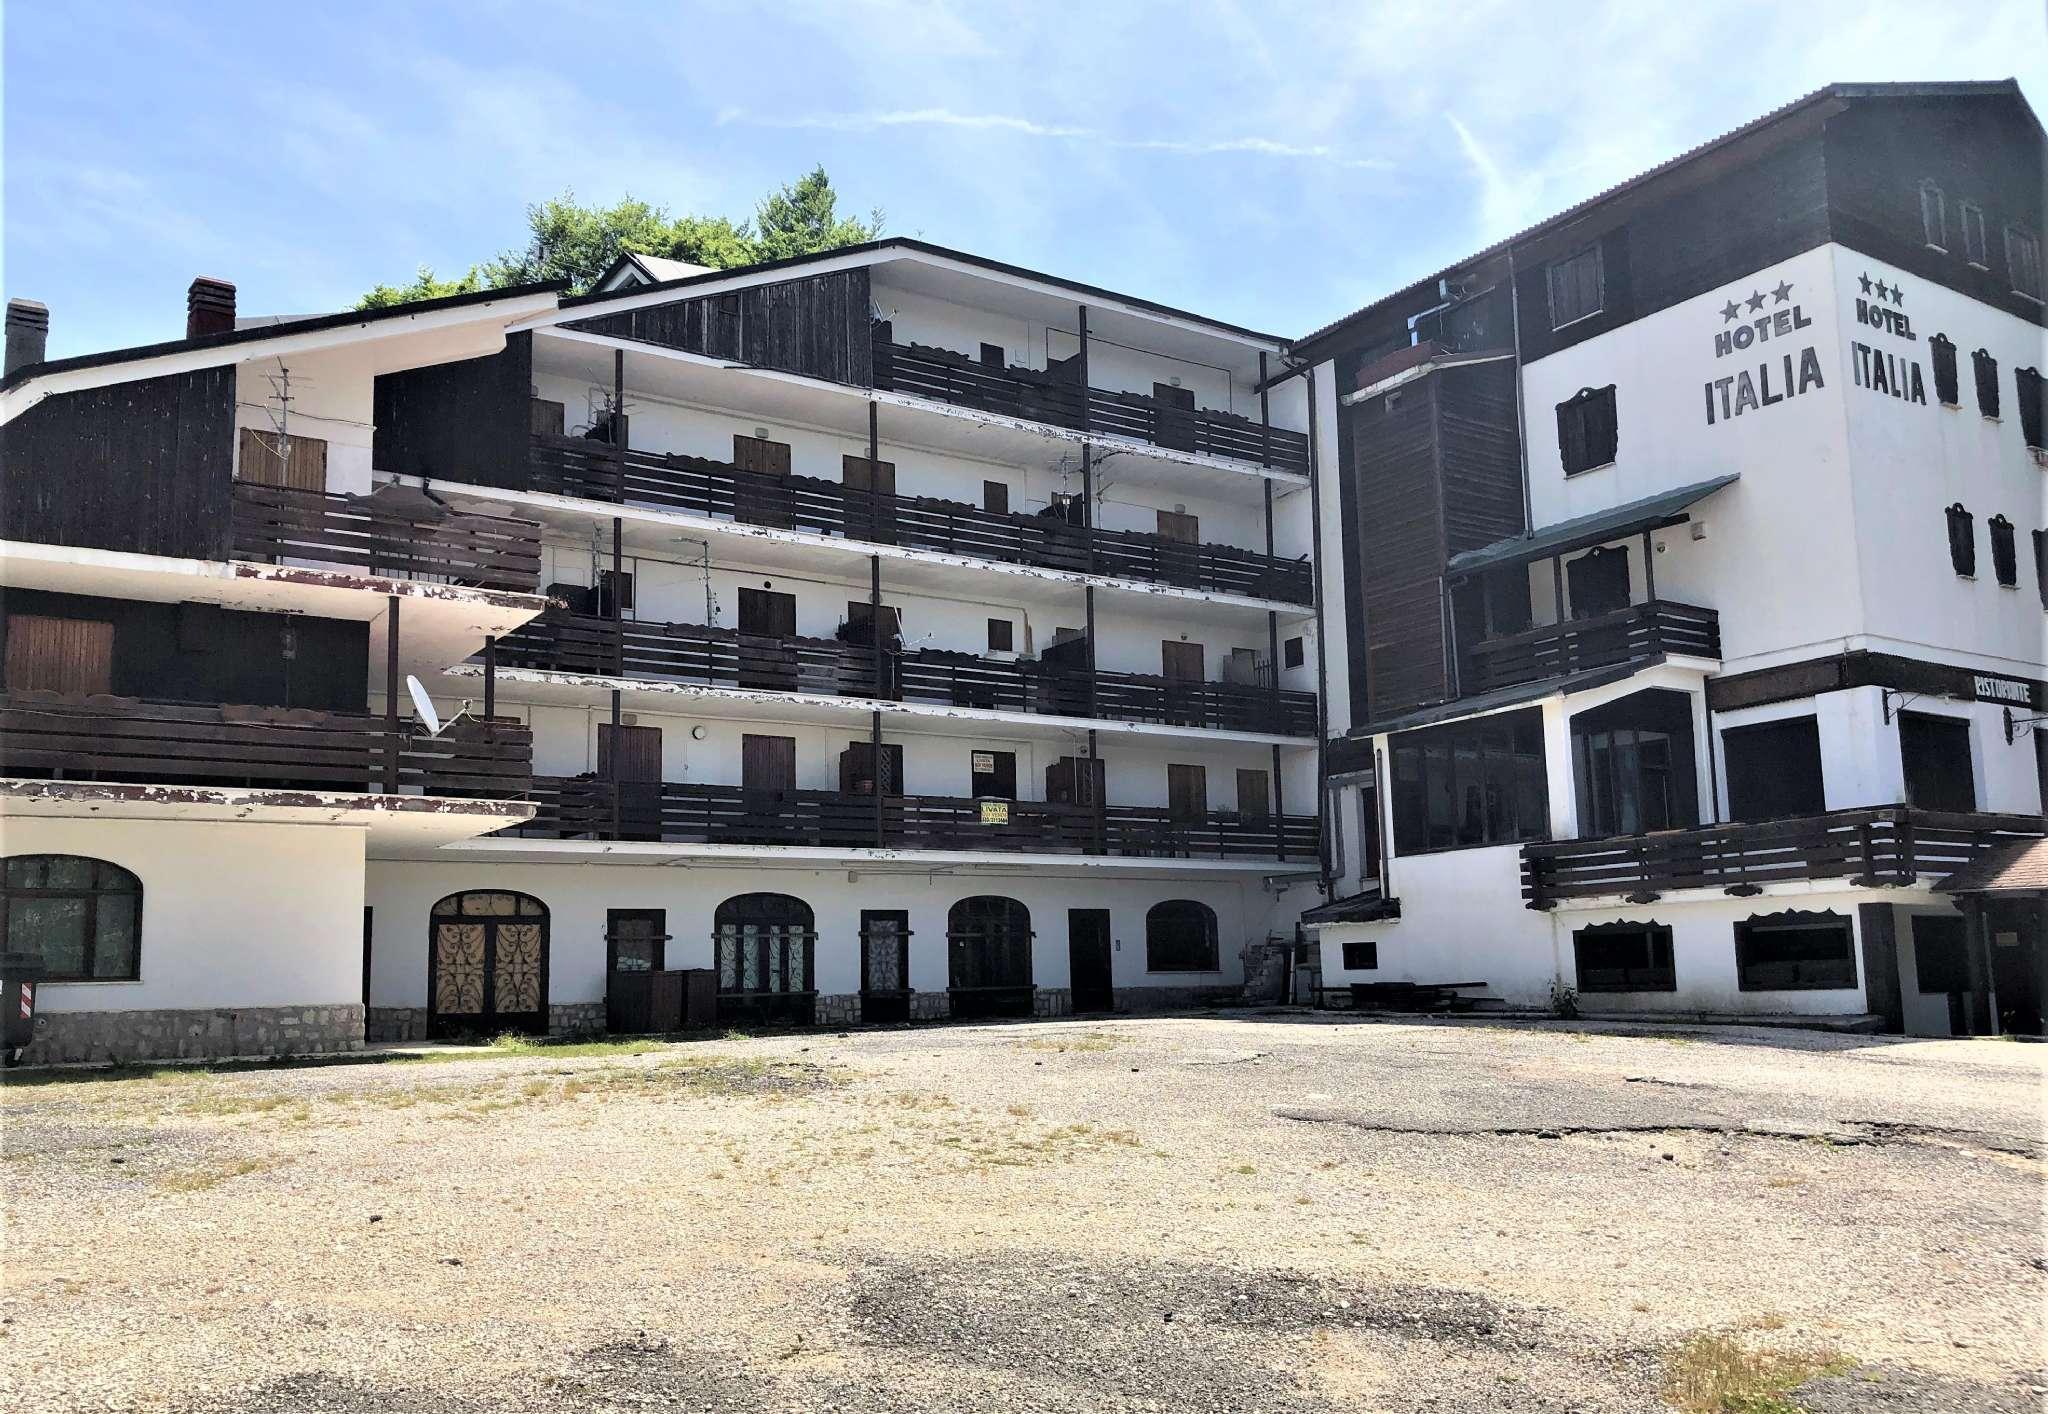 Appartamento in vendita a Subiaco, 2 locali, prezzo € 58.000 | CambioCasa.it